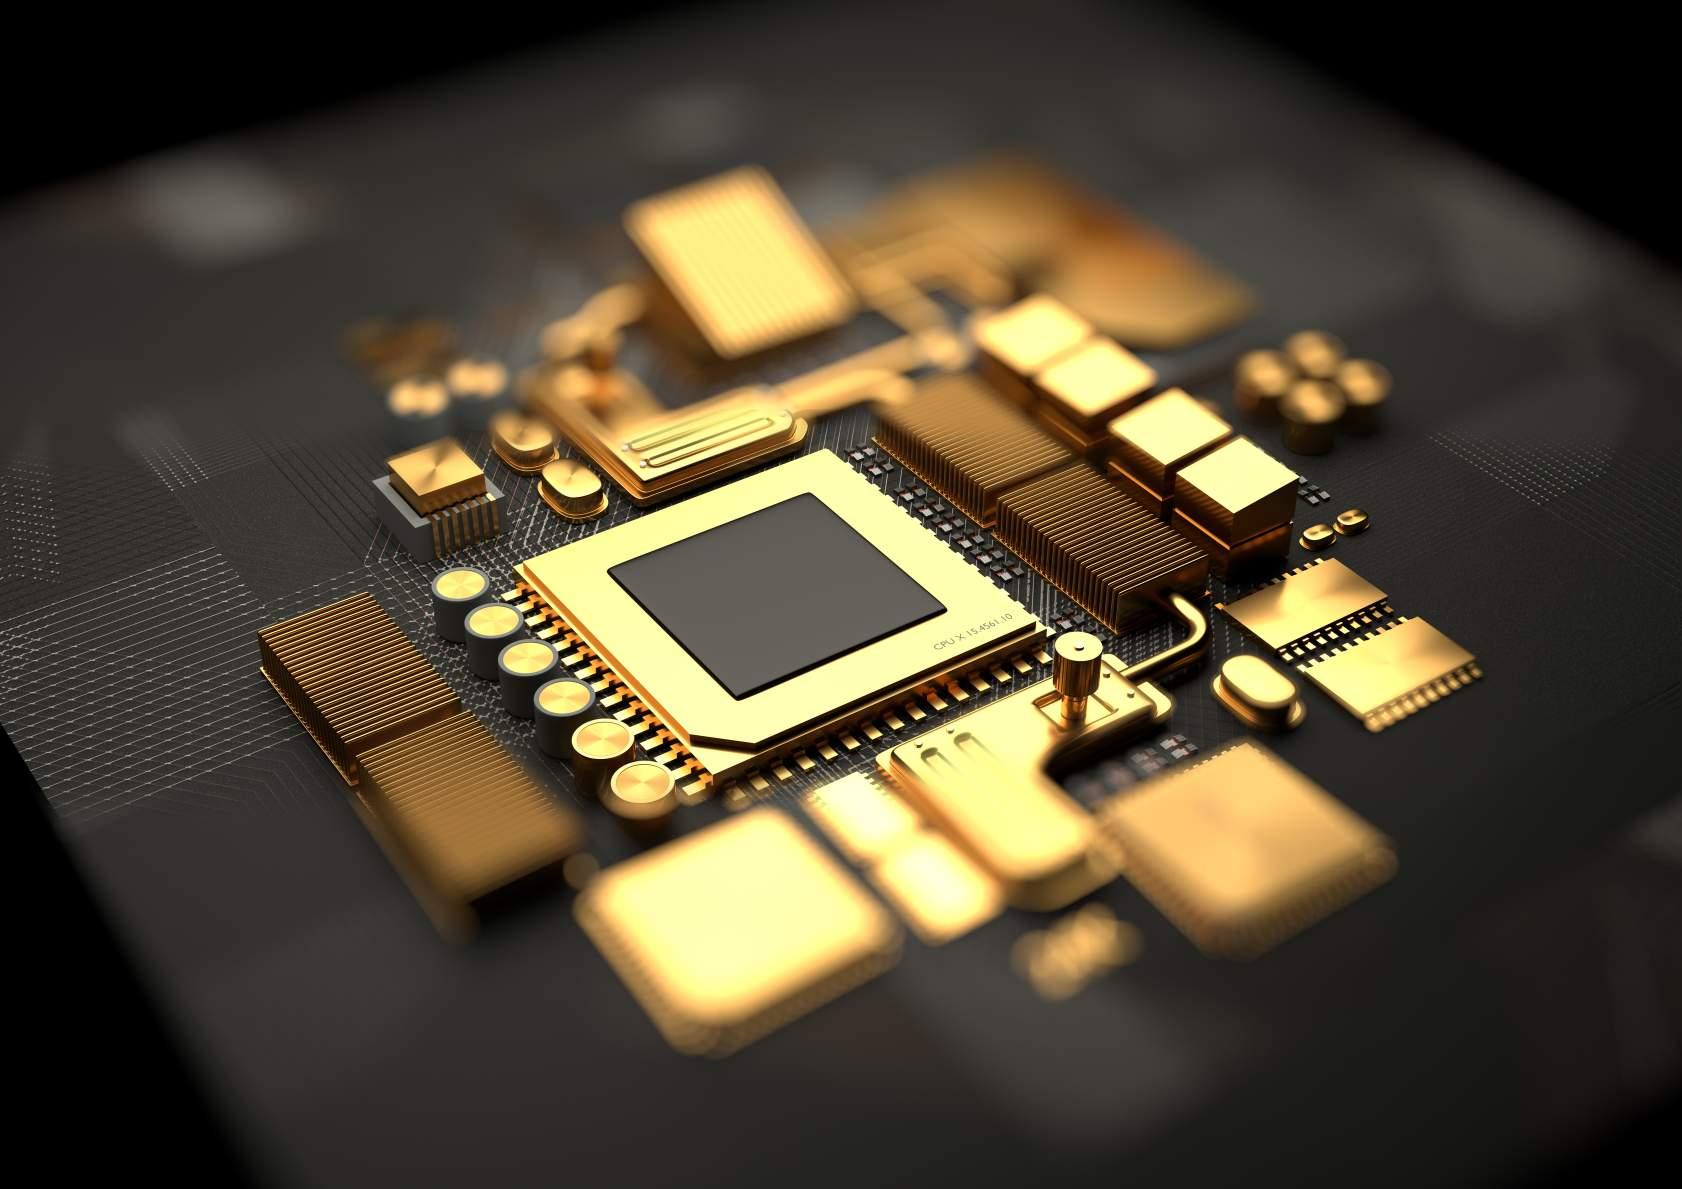 Une image conceptuelle des composants du chipset du processeur et de la carte mère en or. © Crédit d'image : Solarseven | Licencié de DreamsTime.com (Photo de stock à usage éditorial/commercial)